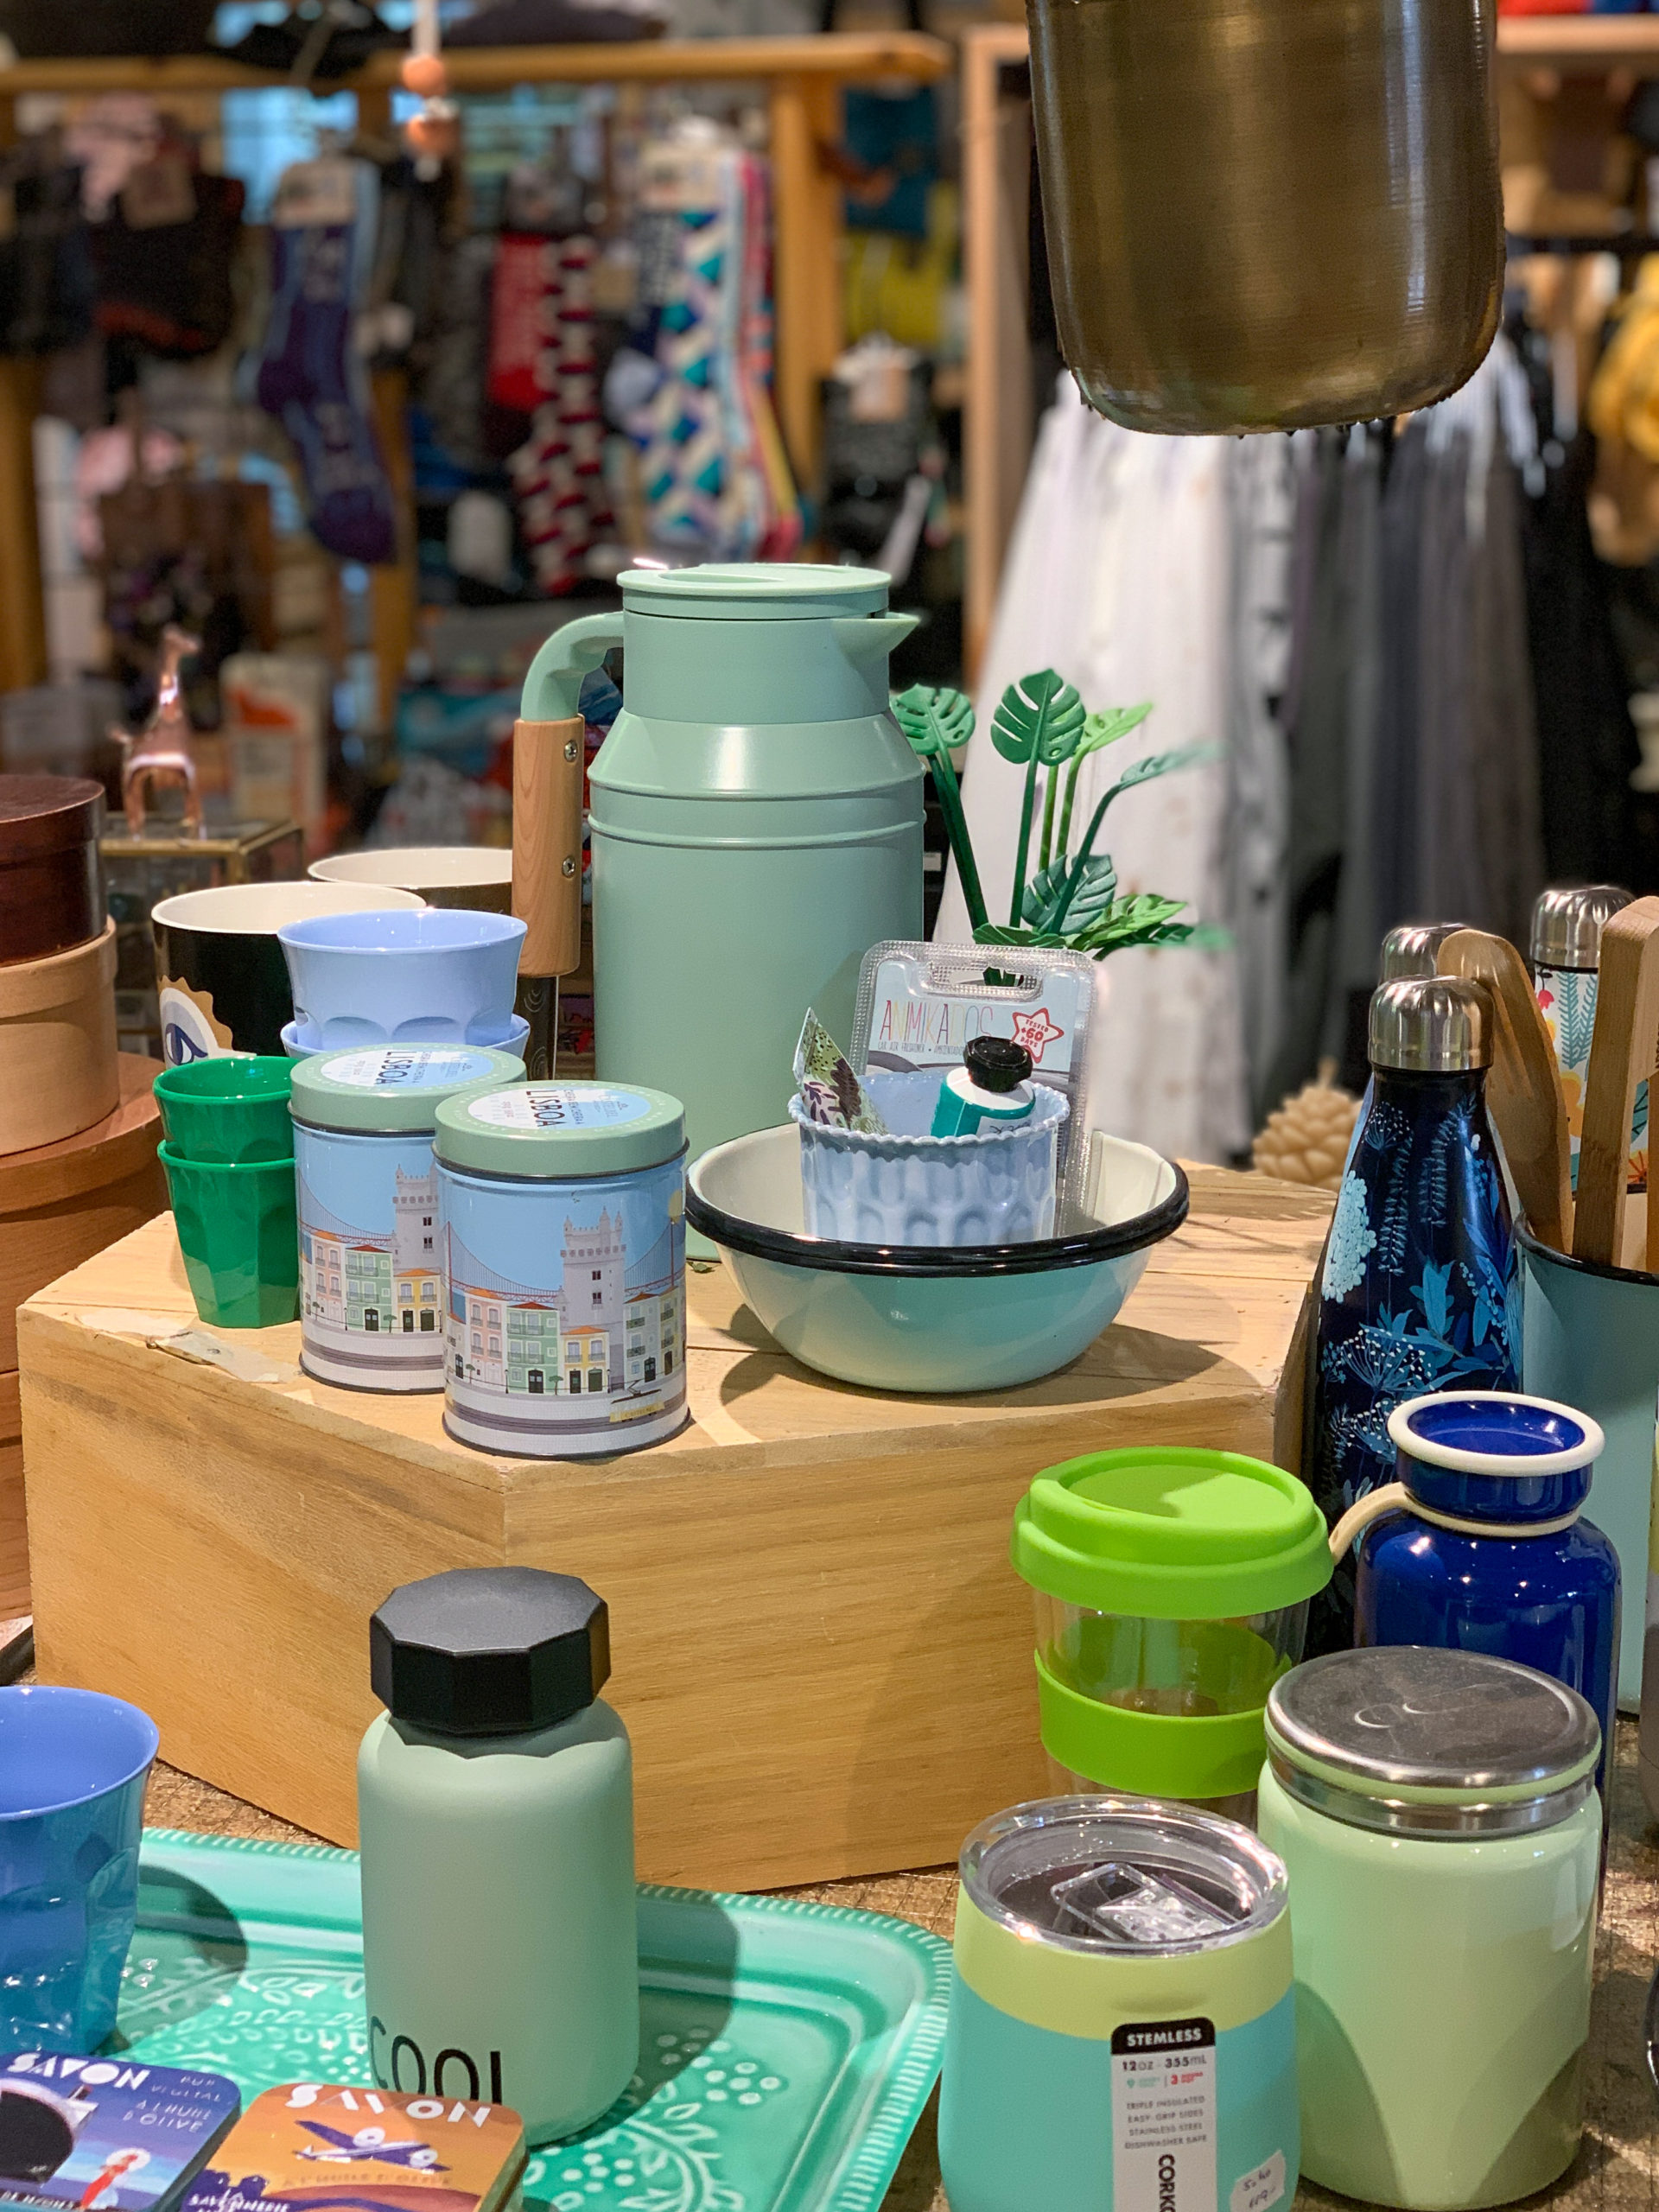 כלים בגווני ירוק וכחול בחנות רבקה בקיבוץ נען